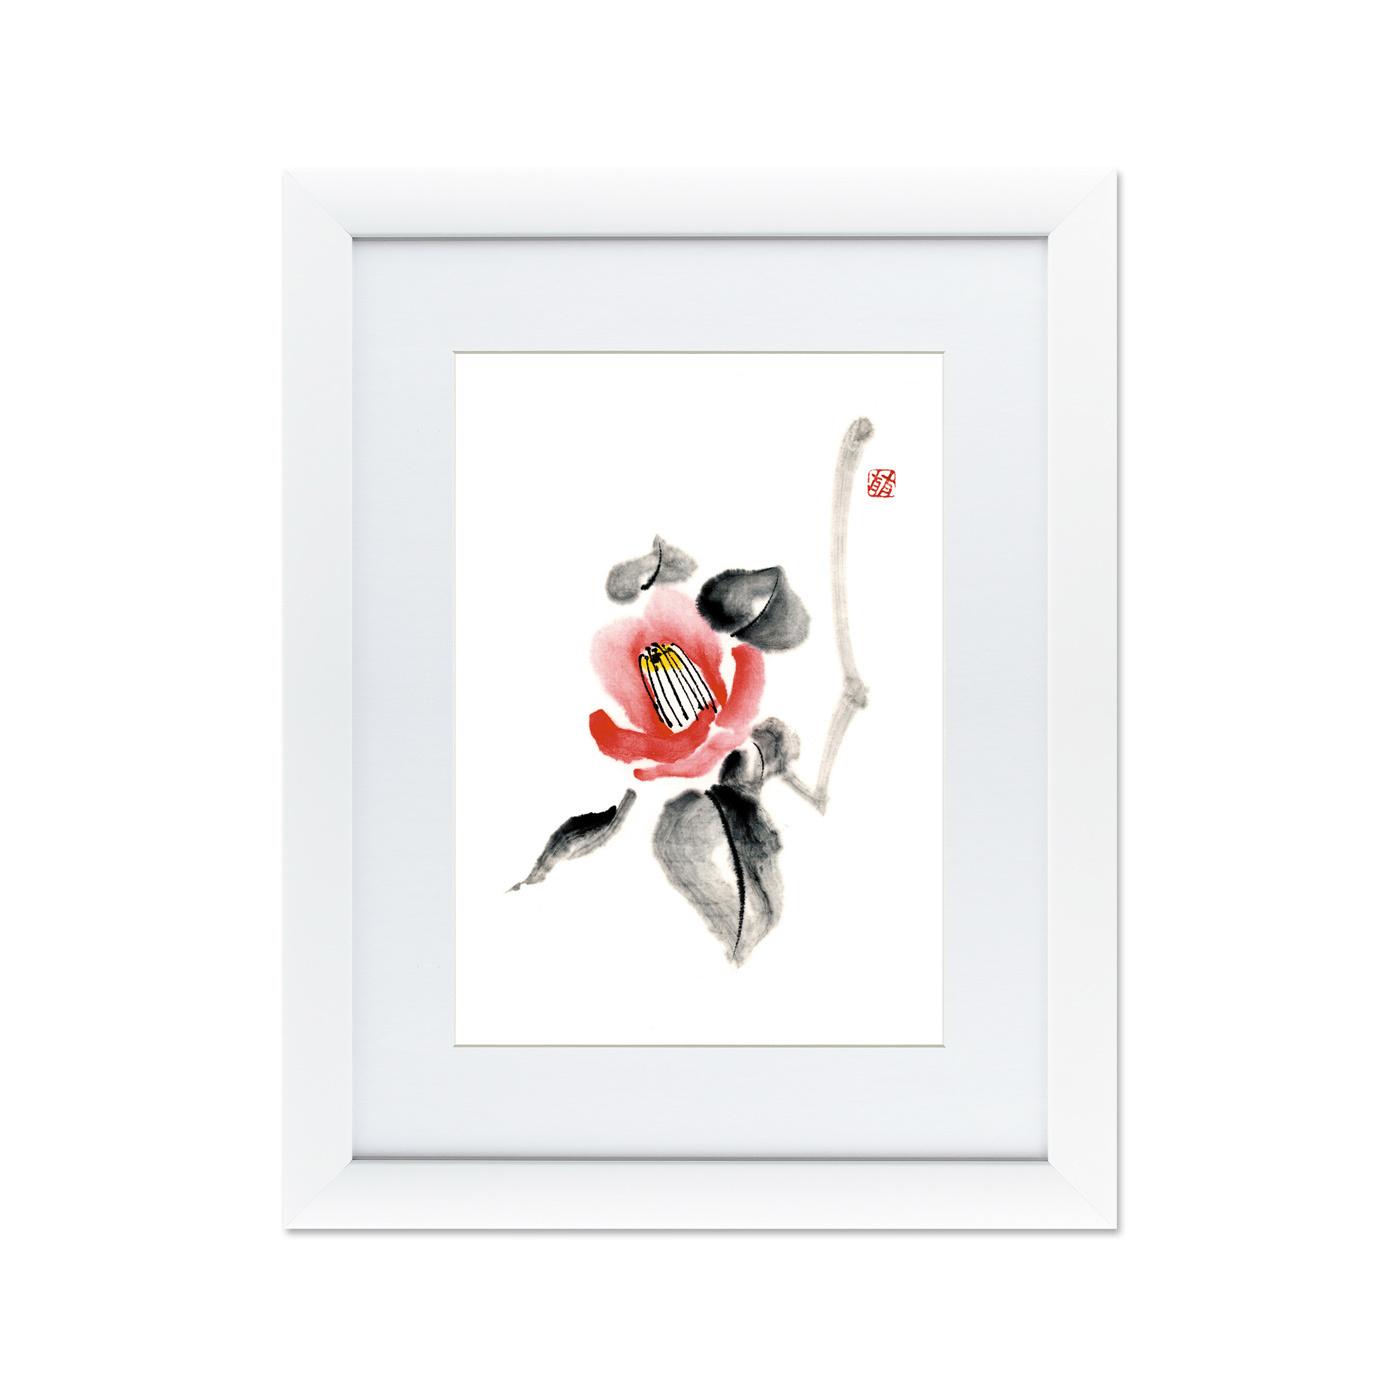 {} Картины в Квартиру Картина Японская Акварель Суми-э, №2 (47х60 см) картины в квартиру картина морские мидии 2 35х45 см